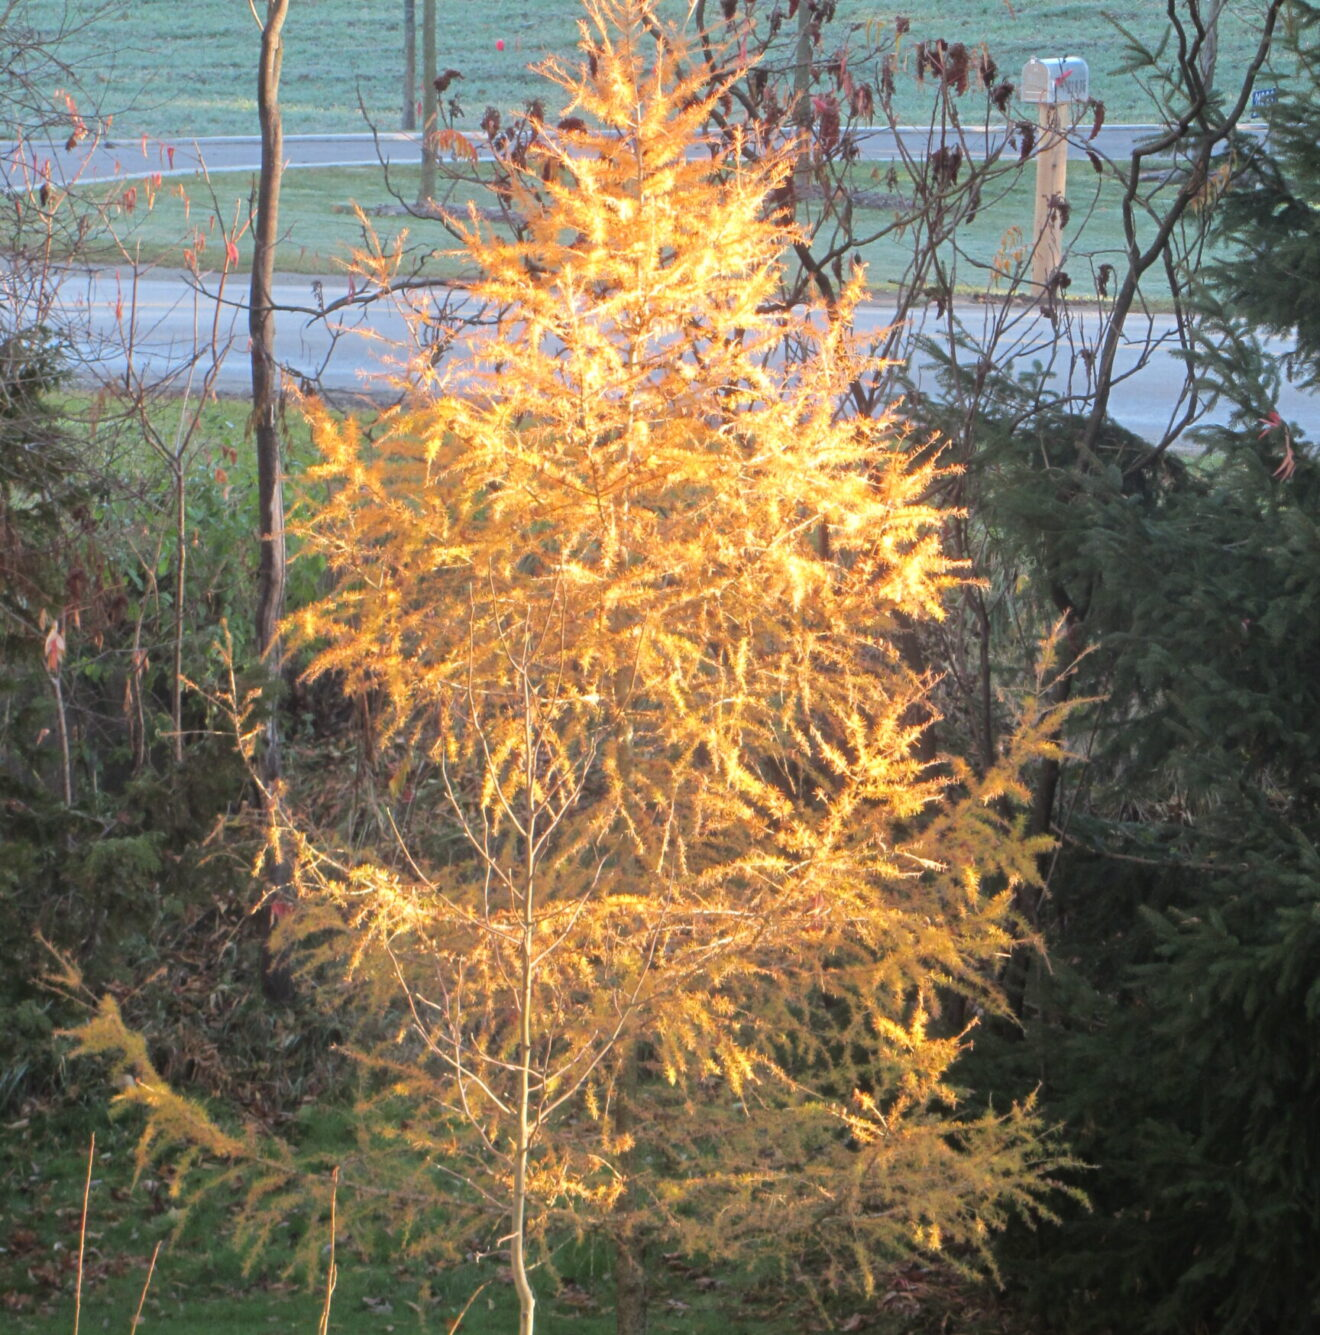 Glowing tamarack tree in fall